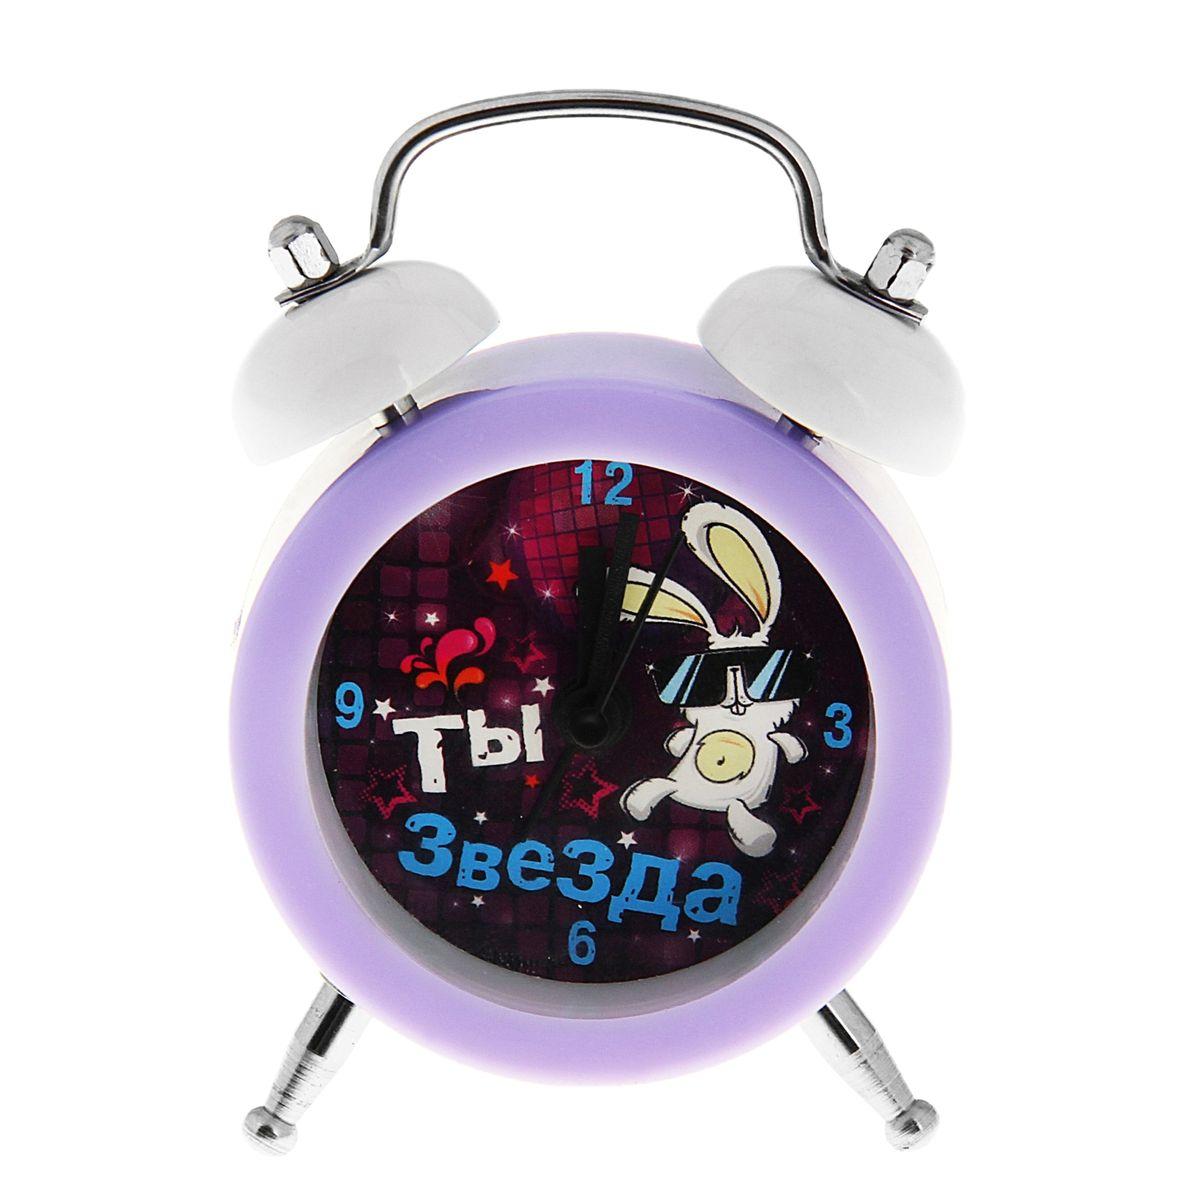 Часы-будильник Sima-land Ты звездаVT-3523(ВК)Как же сложно иногда вставать вовремя! Всегда так хочется поспать еще хотя бы 5 минут и бывает, что мы просыпаем. Теперь этого не случится! Яркий, оригинальный мини-будильник Sima-land поможет вам всегда вставать в нужное время и успевать везде и всюду. Эта уменьшенная версия привычного будильника умещается на ладони и работает так же громко, как и привычные аналоги. Время показывает точно и будит в установленный час.На задней панели будильника расположены переключатель включения/выключения механизма, а также два колесика для настройки текущего времени и времени звонка будильника.Будильник работает от 1 батарейки AG13.